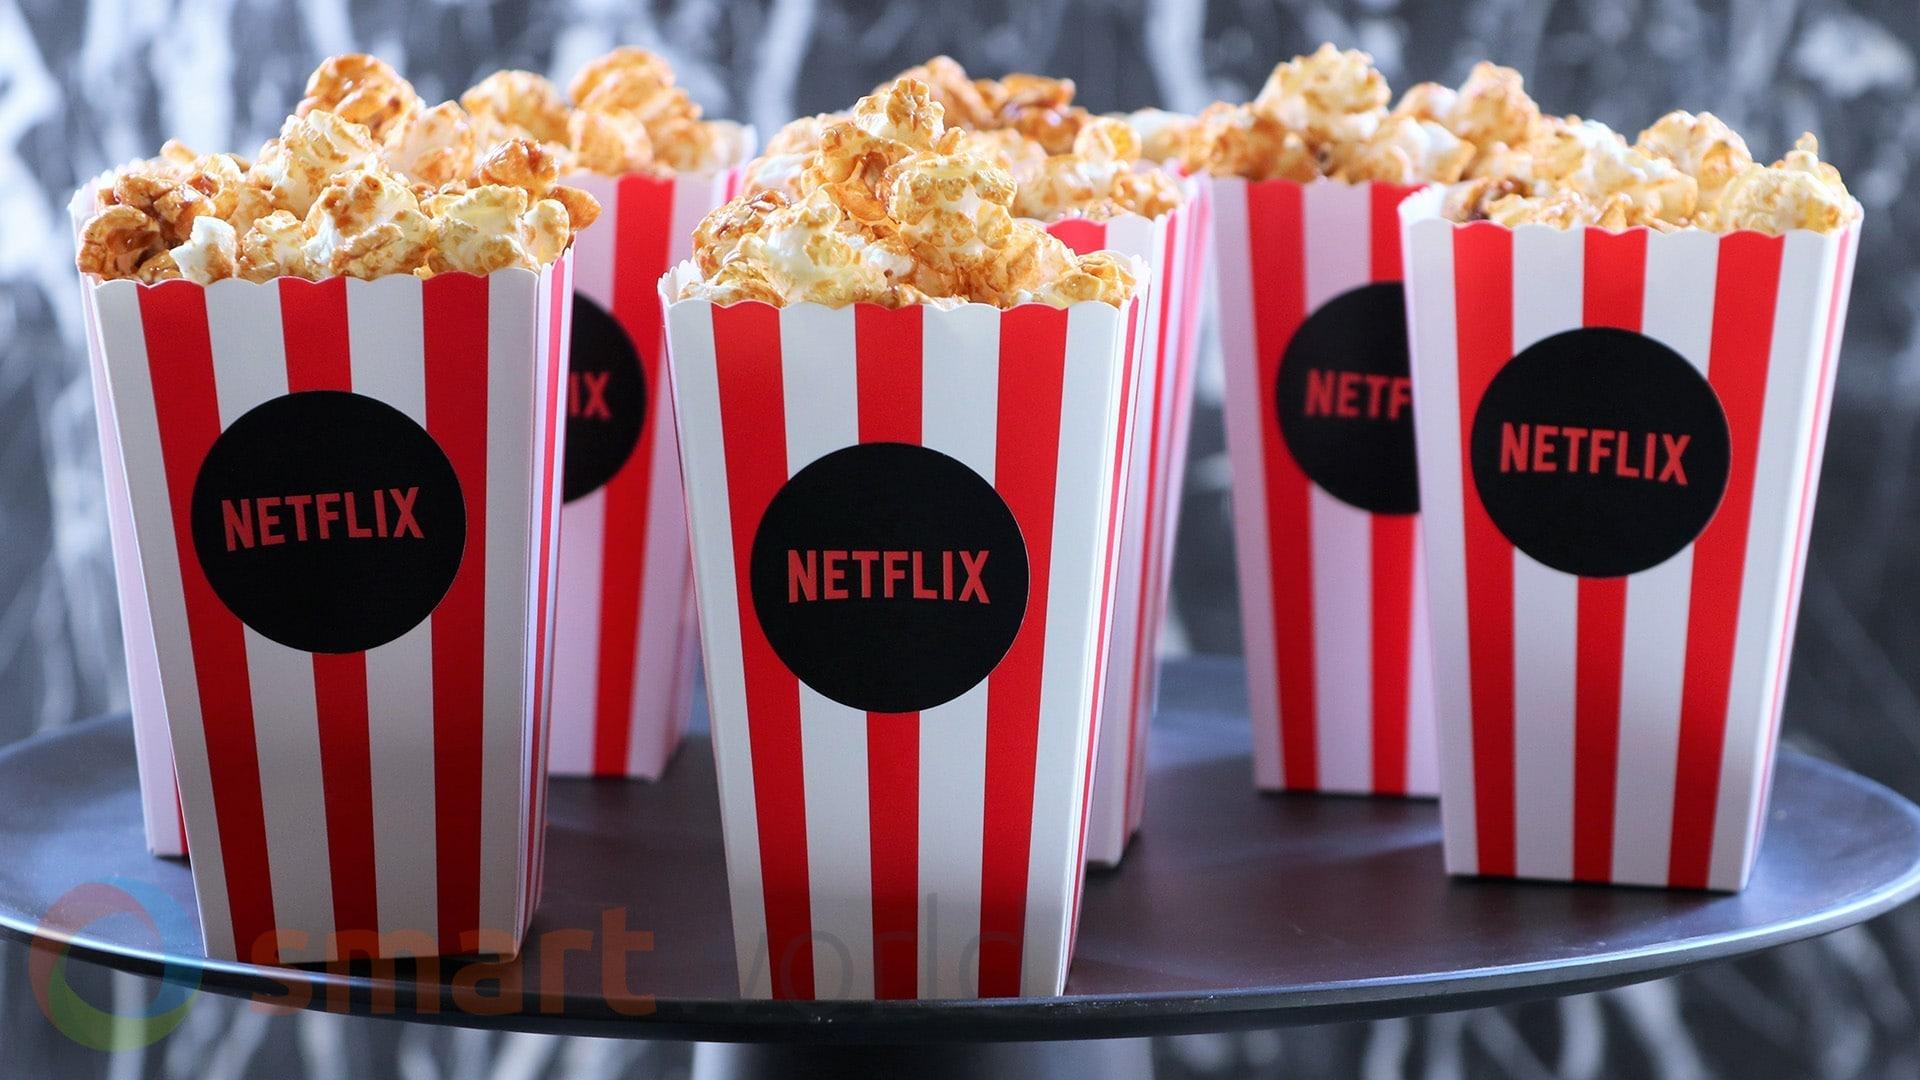 Le offerte Netflix per i nuovi iscritti: ci sono anche 2 mesi a metà prezzo, voi quale avete ricevuto? (foto)